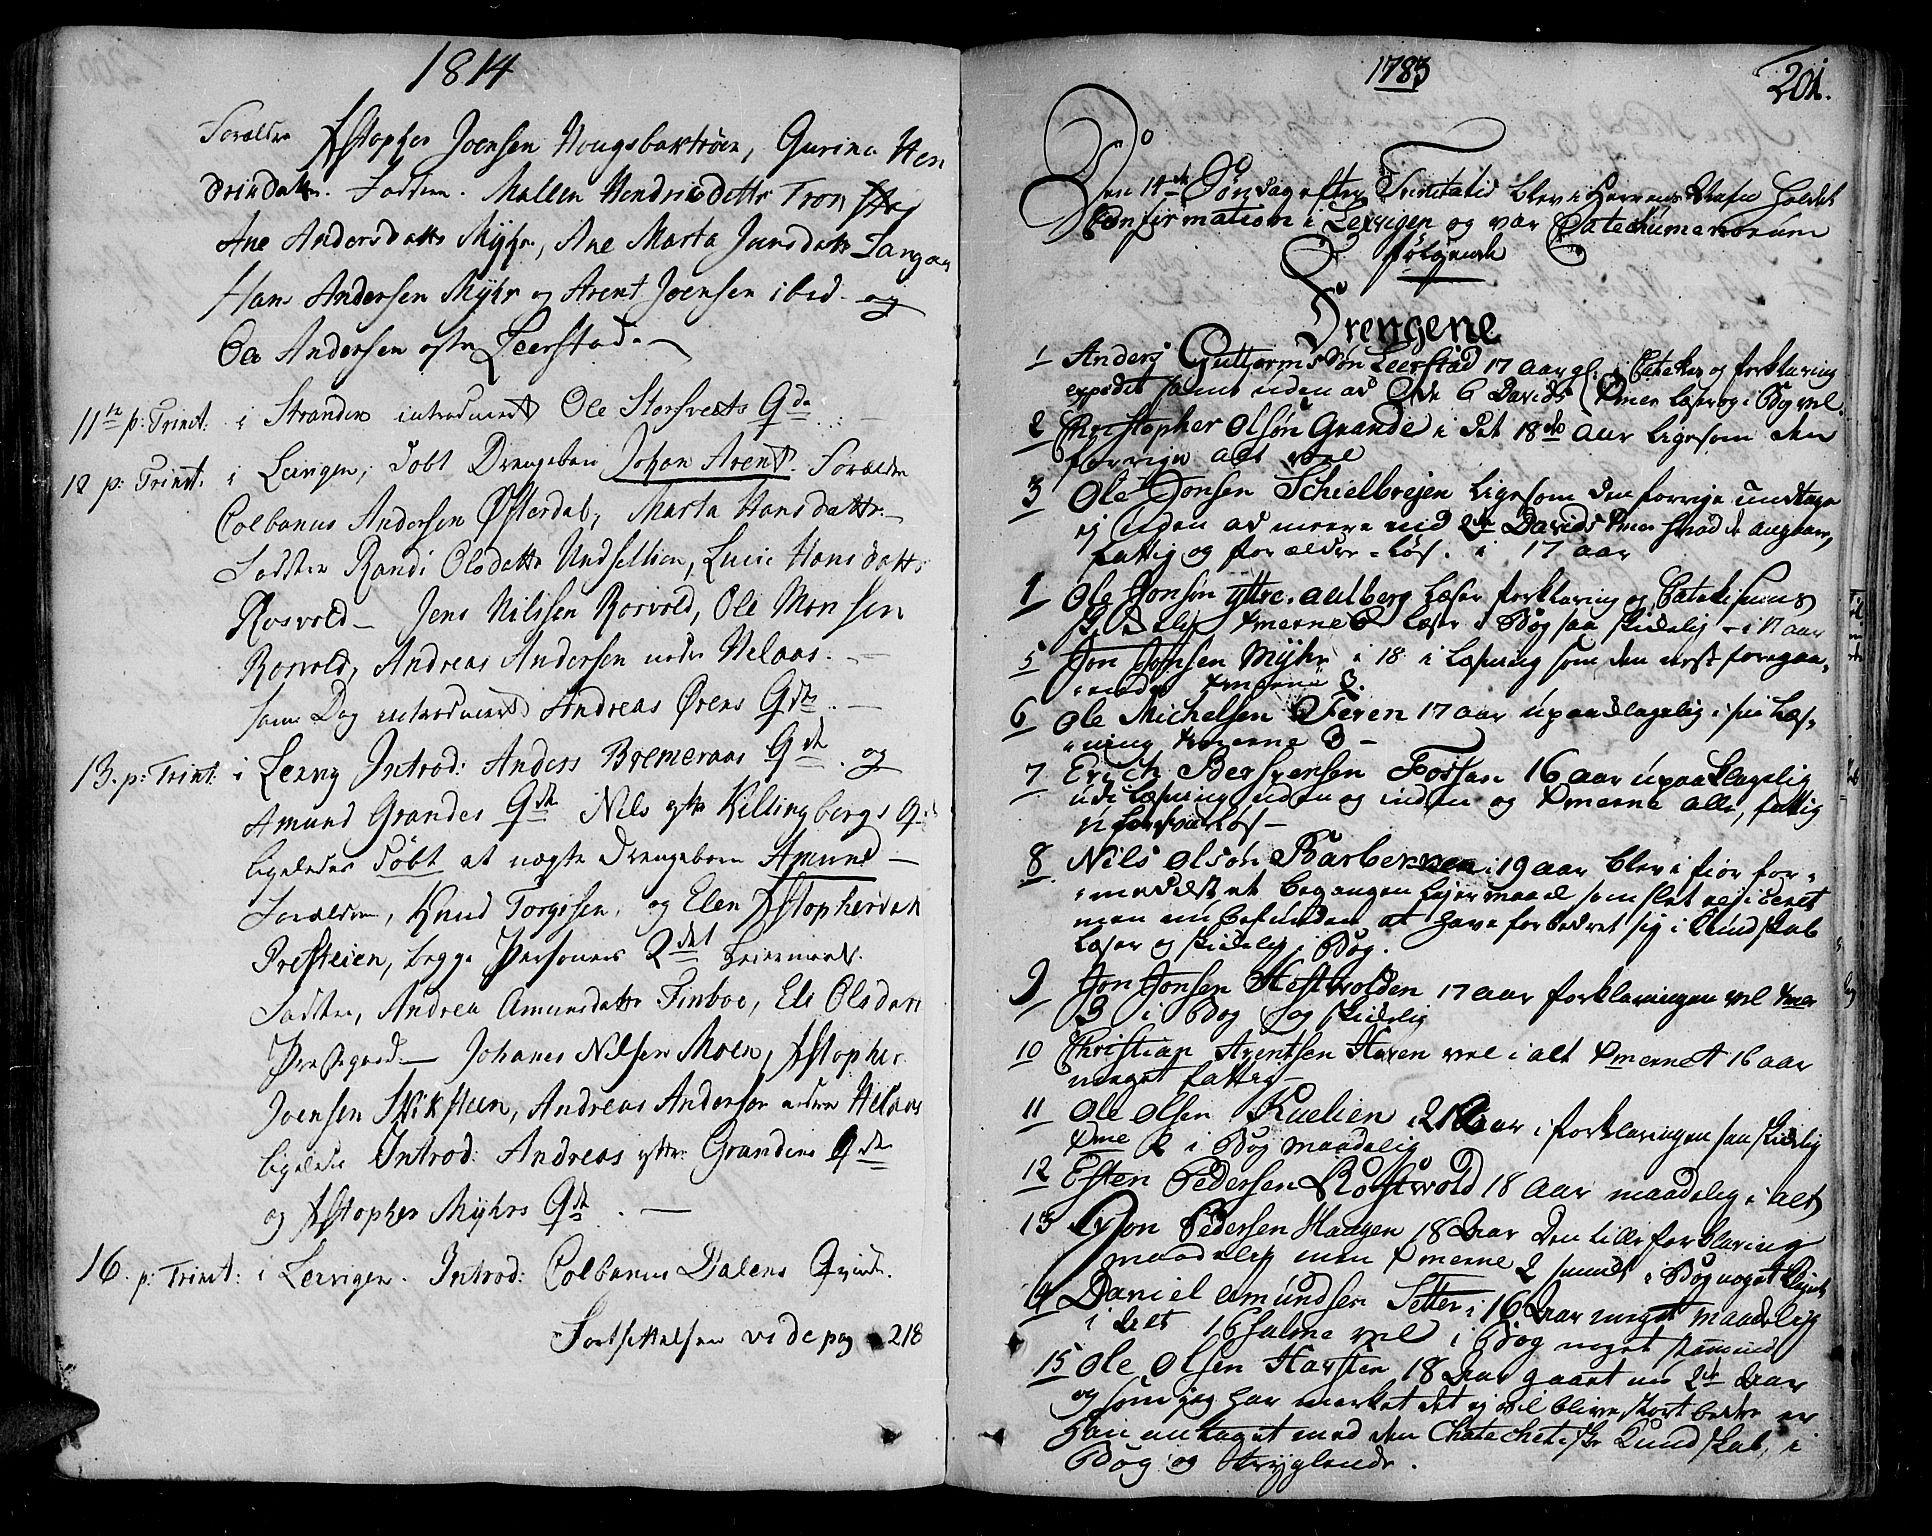 SAT, Ministerialprotokoller, klokkerbøker og fødselsregistre - Nord-Trøndelag, 701/L0004: Parish register (official) no. 701A04, 1783-1816, p. 201